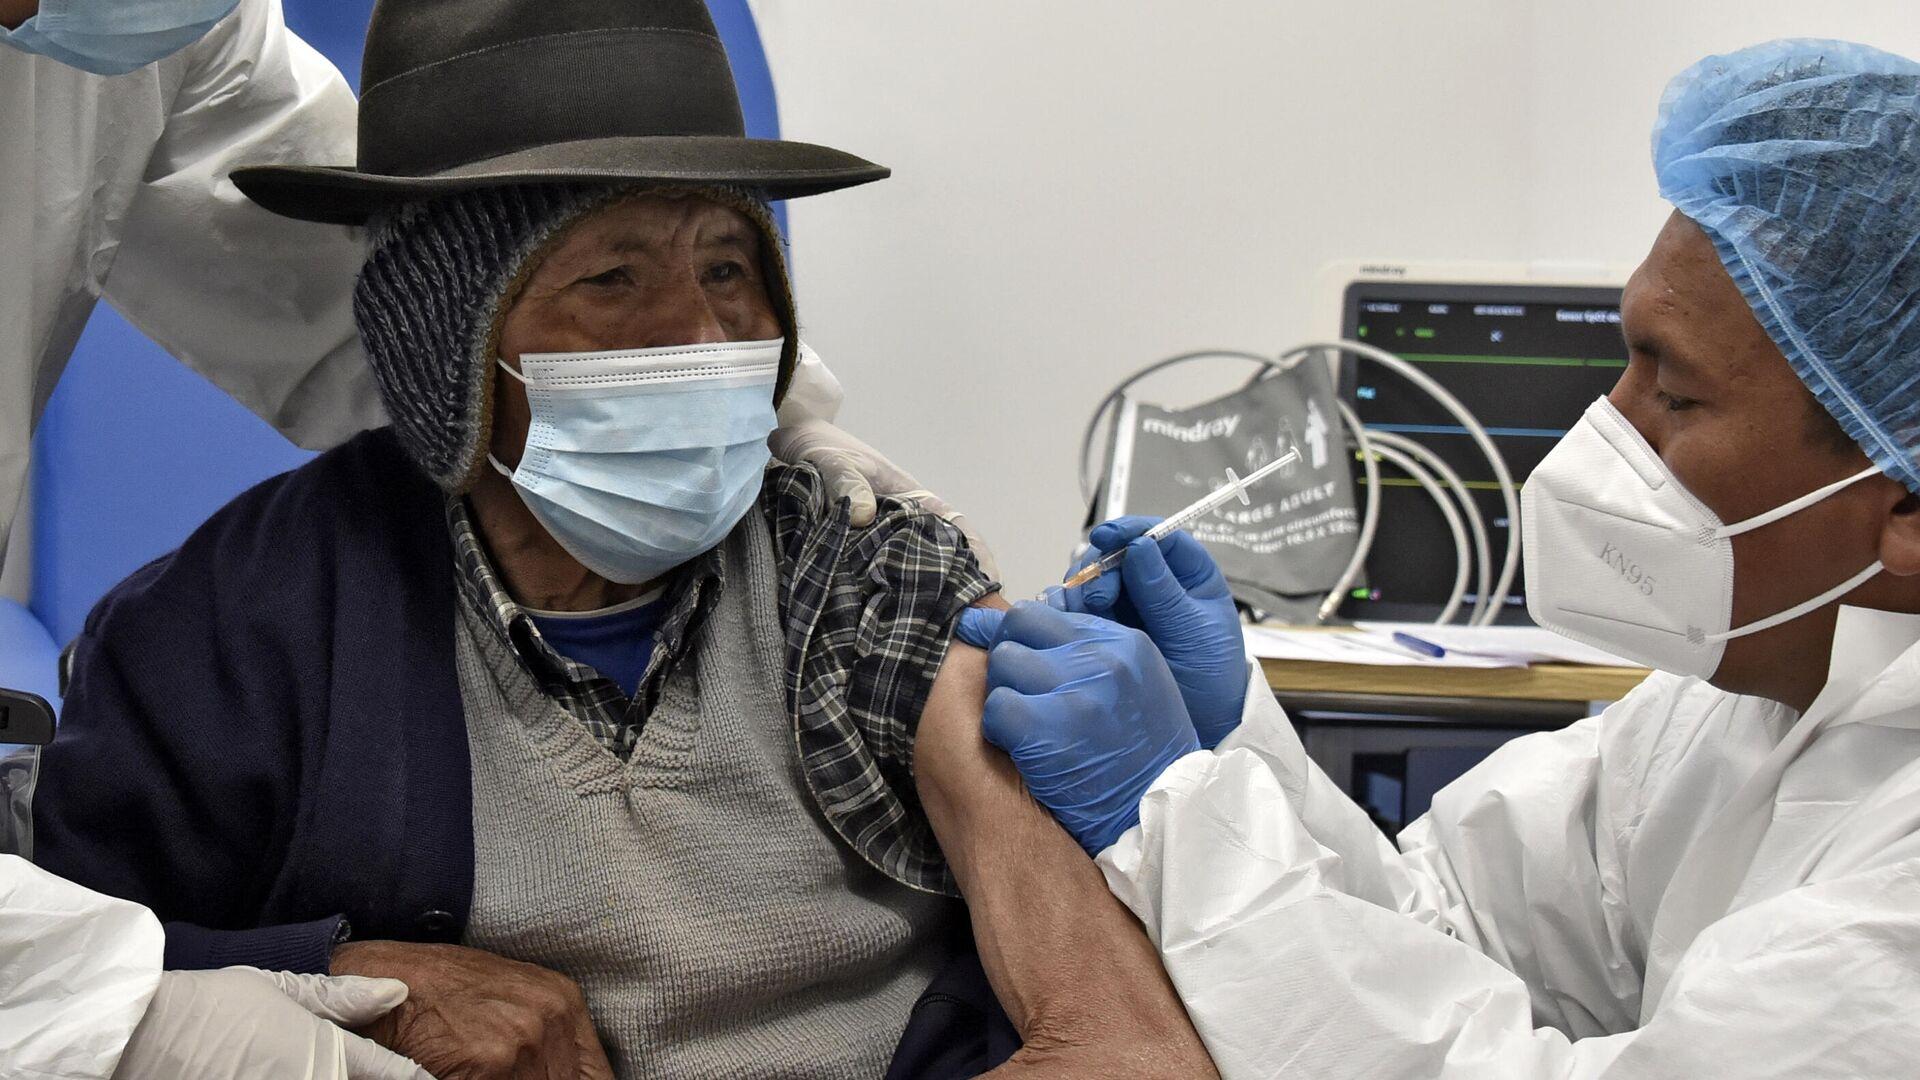 Vacunación contra el coronavirus en Bolivia - Sputnik Mundo, 1920, 12.07.2021